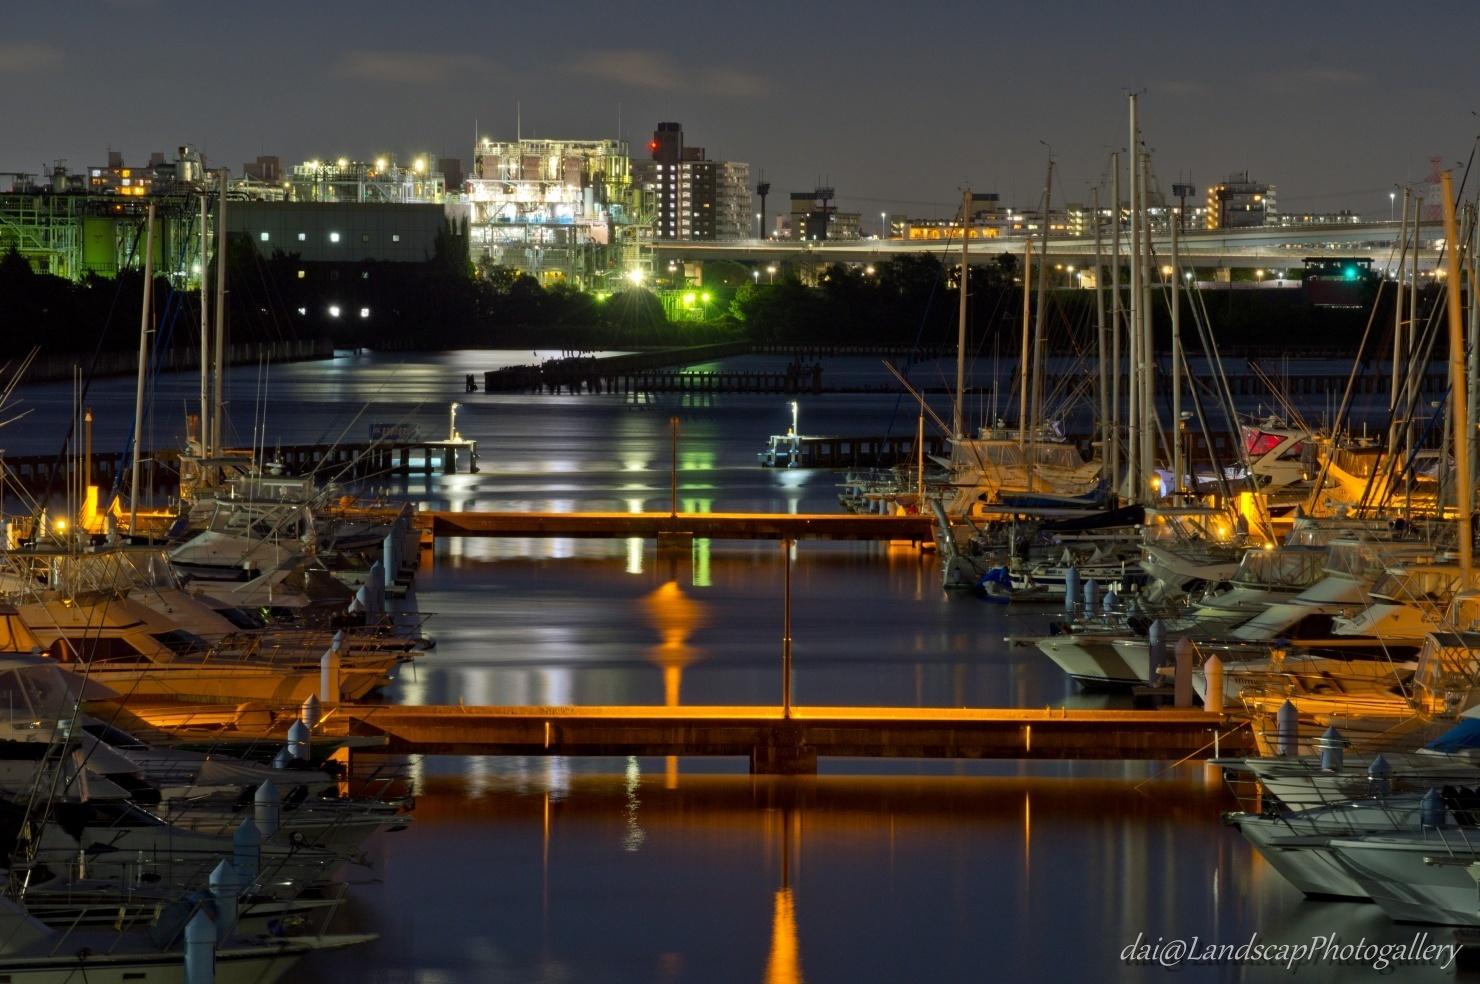 東京夢の島マリーナと東部スラッジプラント夜景